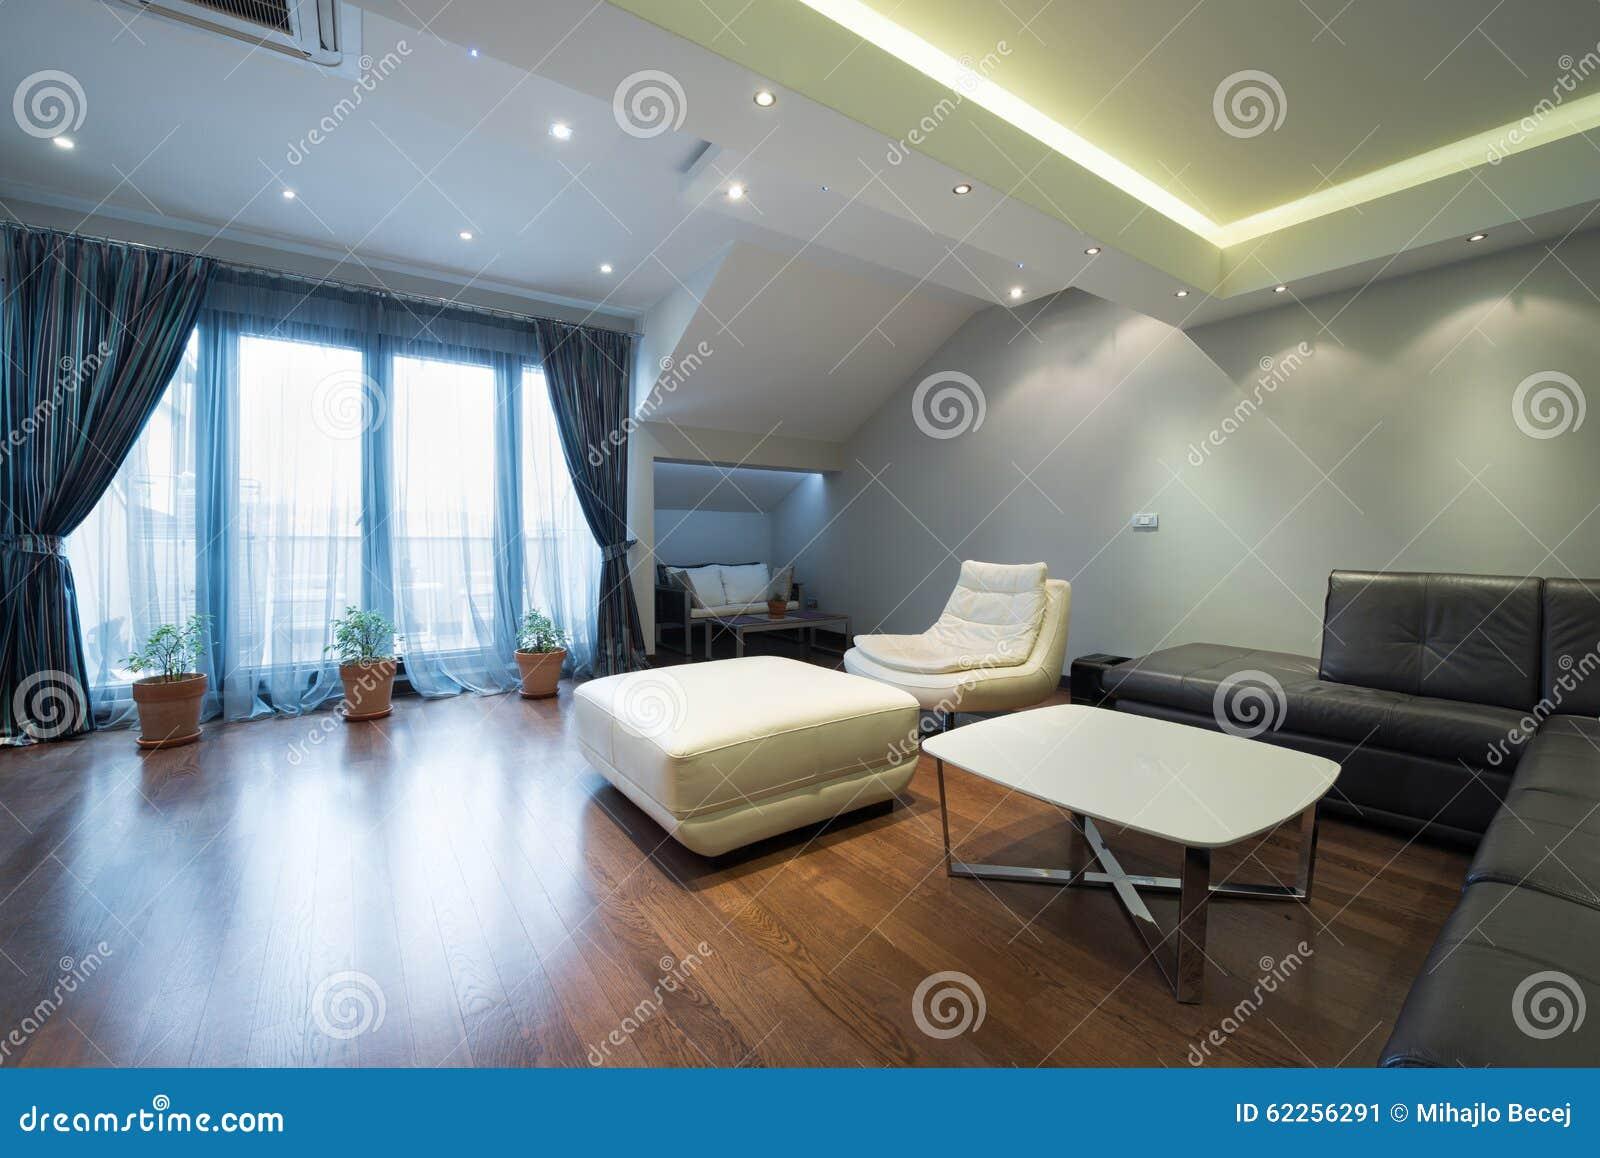 Intérieur D\'un Salon De Luxe Avec De Beaux Plafonniers Image stock ...